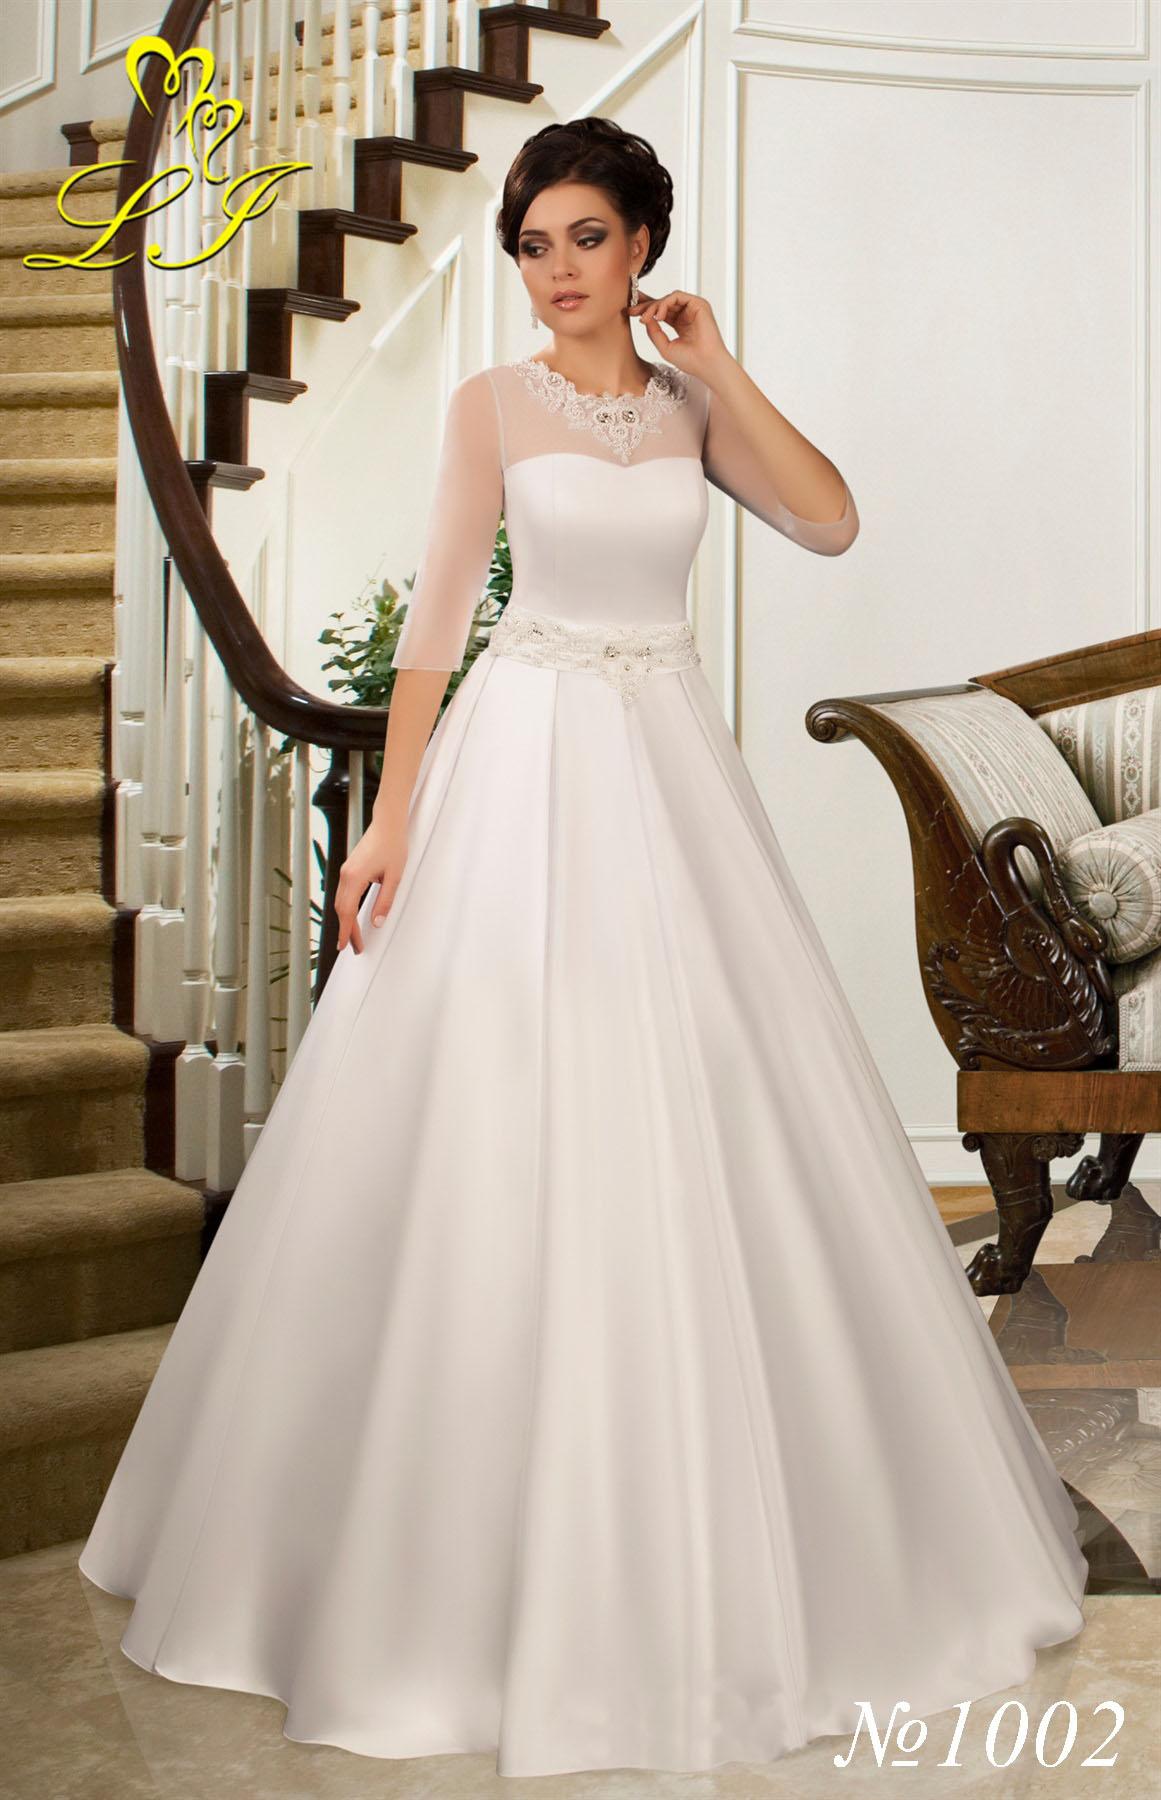 Brautkleid Nr. 1002